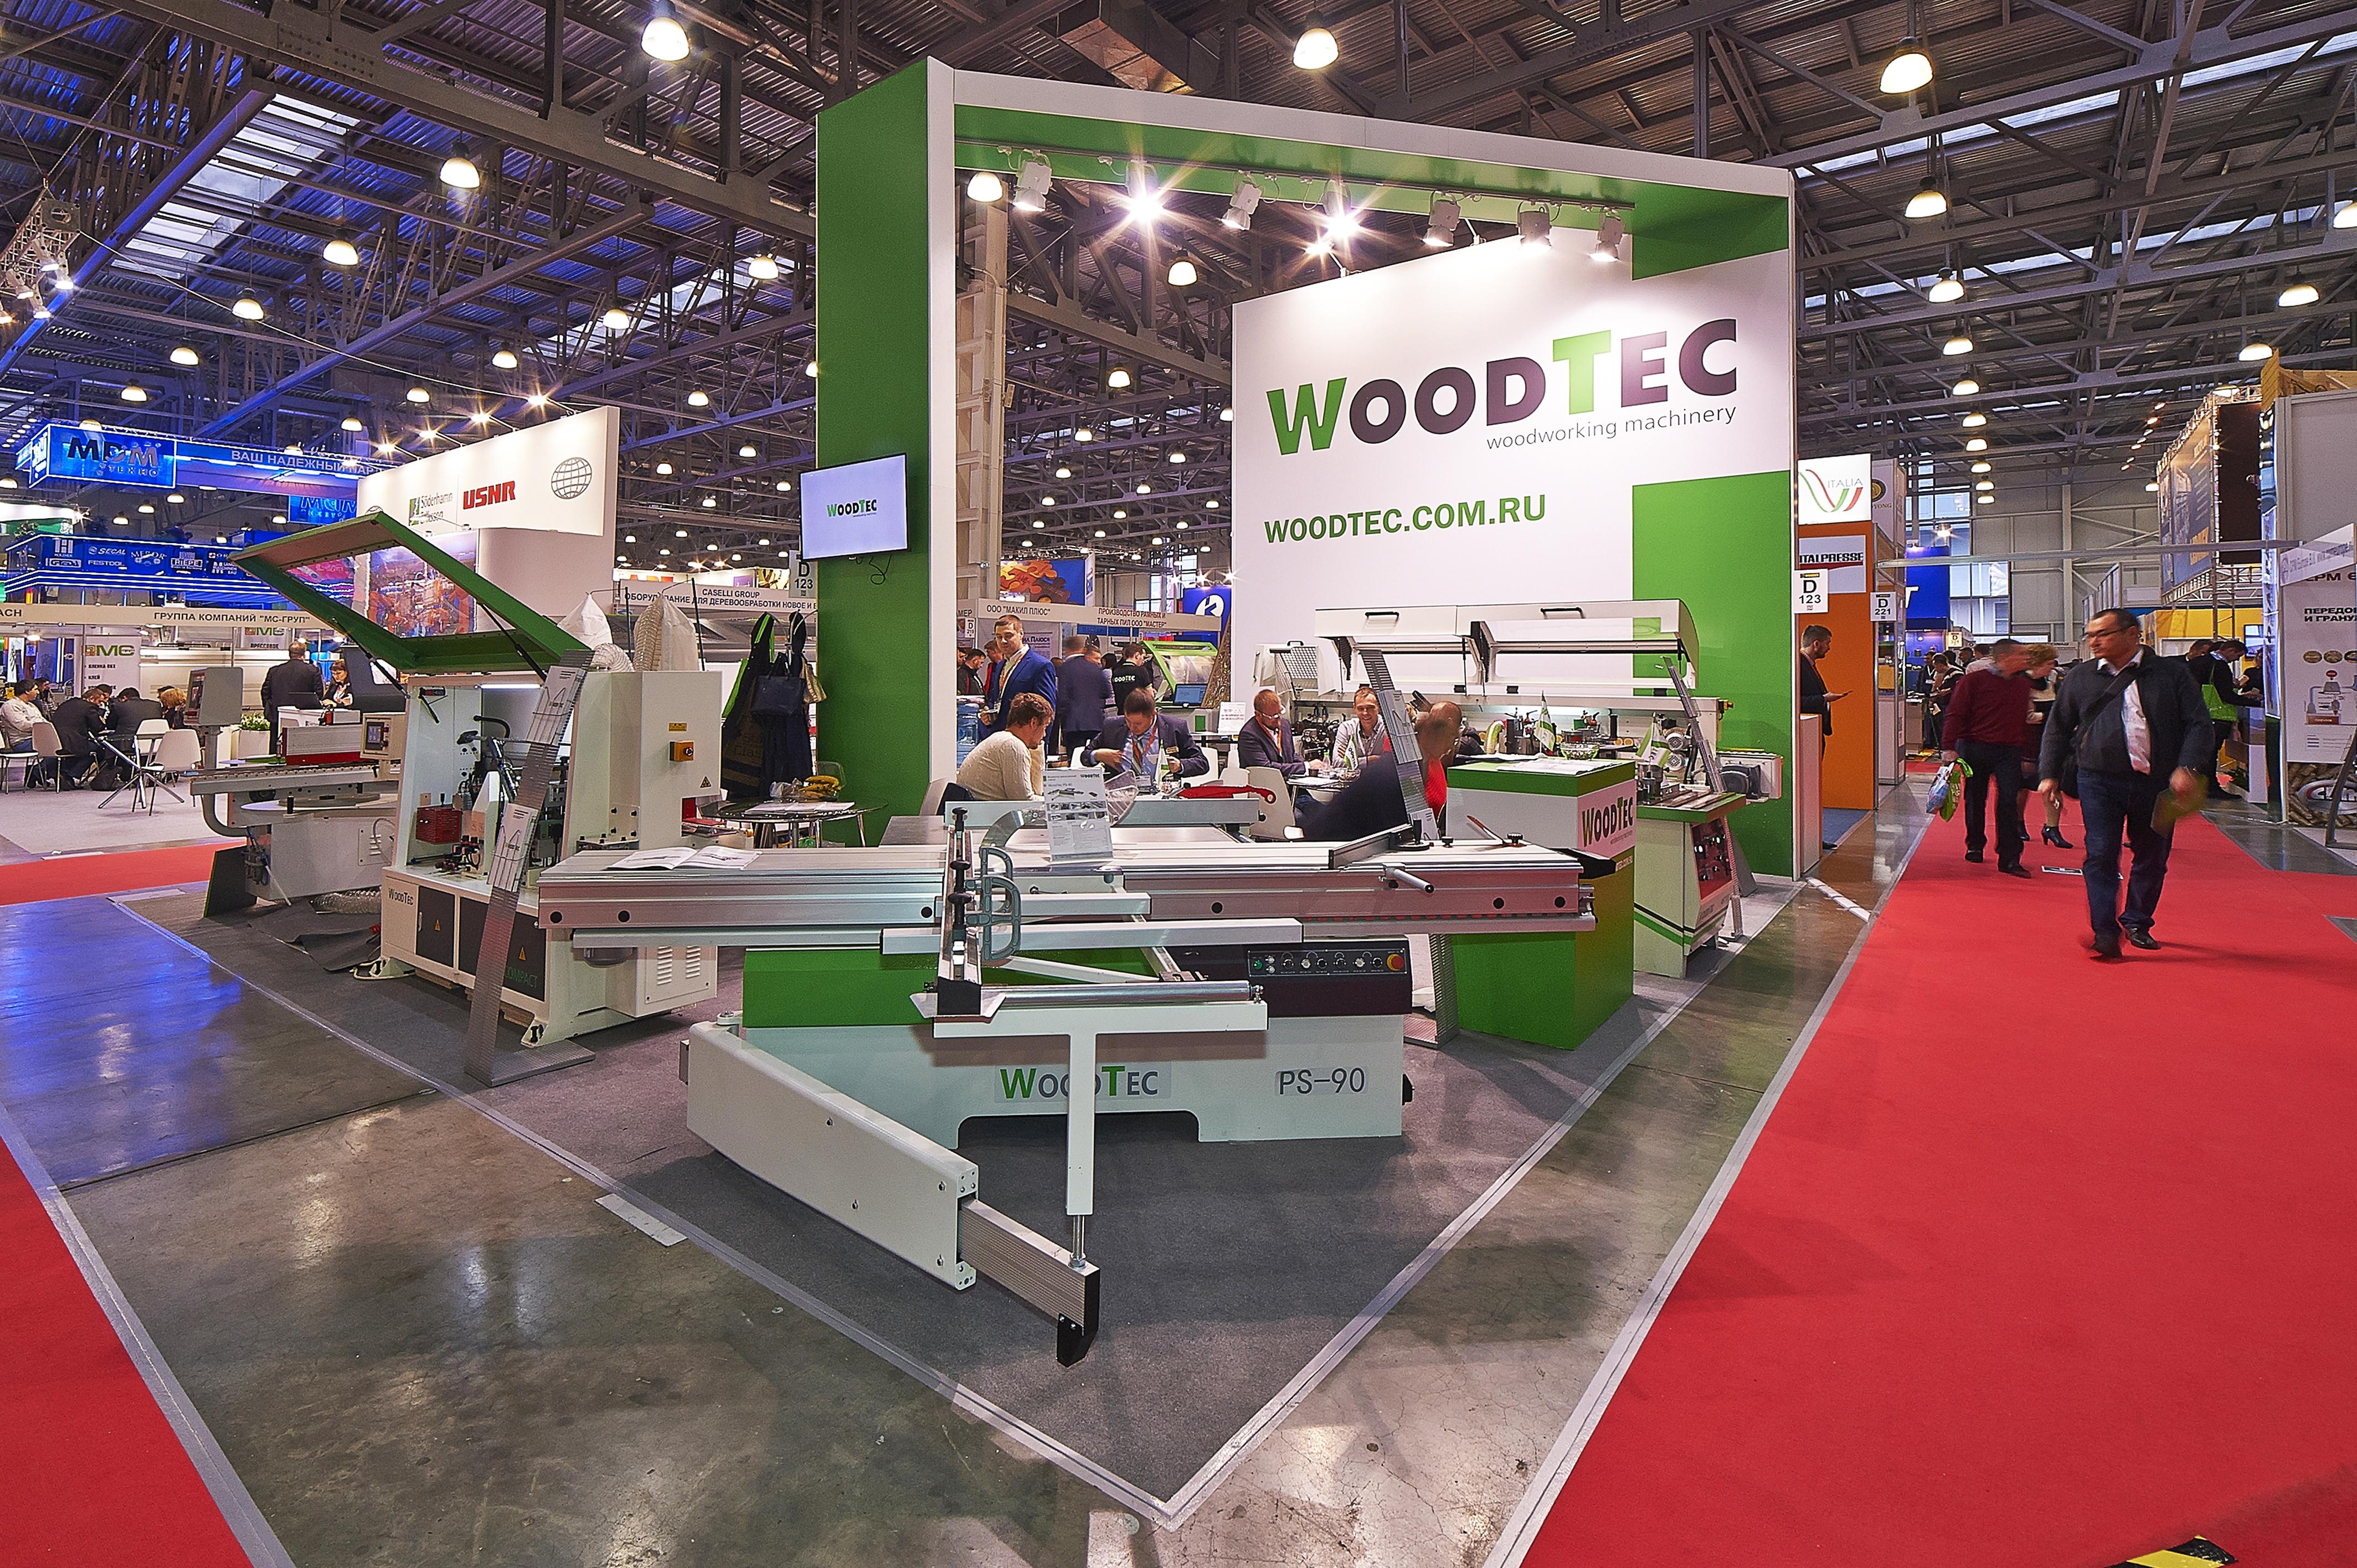 Woodtec_300dpi_10